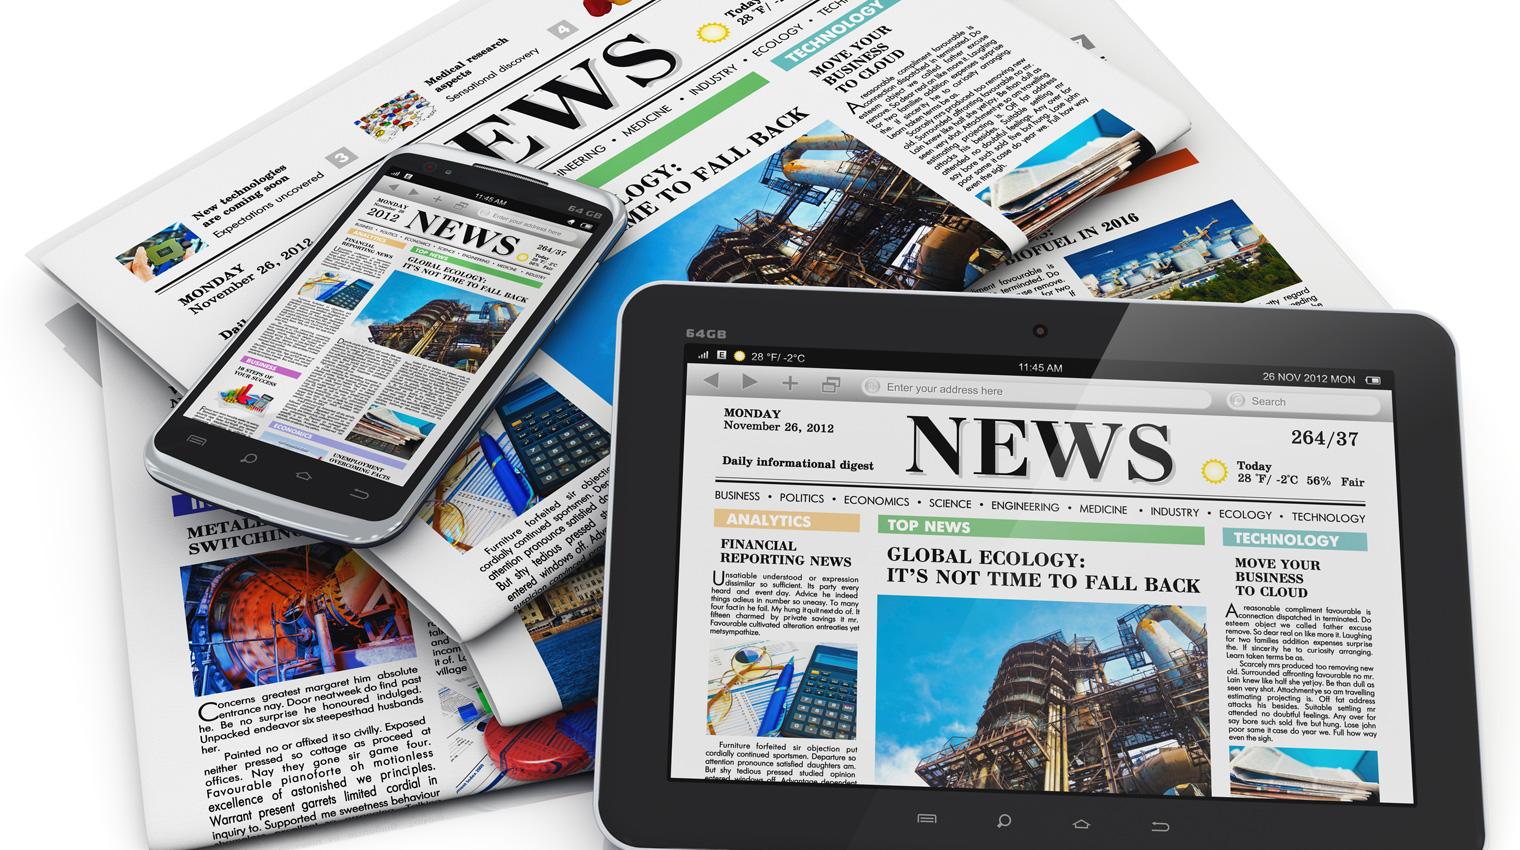 Dịch tài liệu quảng cáotruyền thông là một trong những loại dịch thuật content phổ biến trong lĩnh vực content marketing.